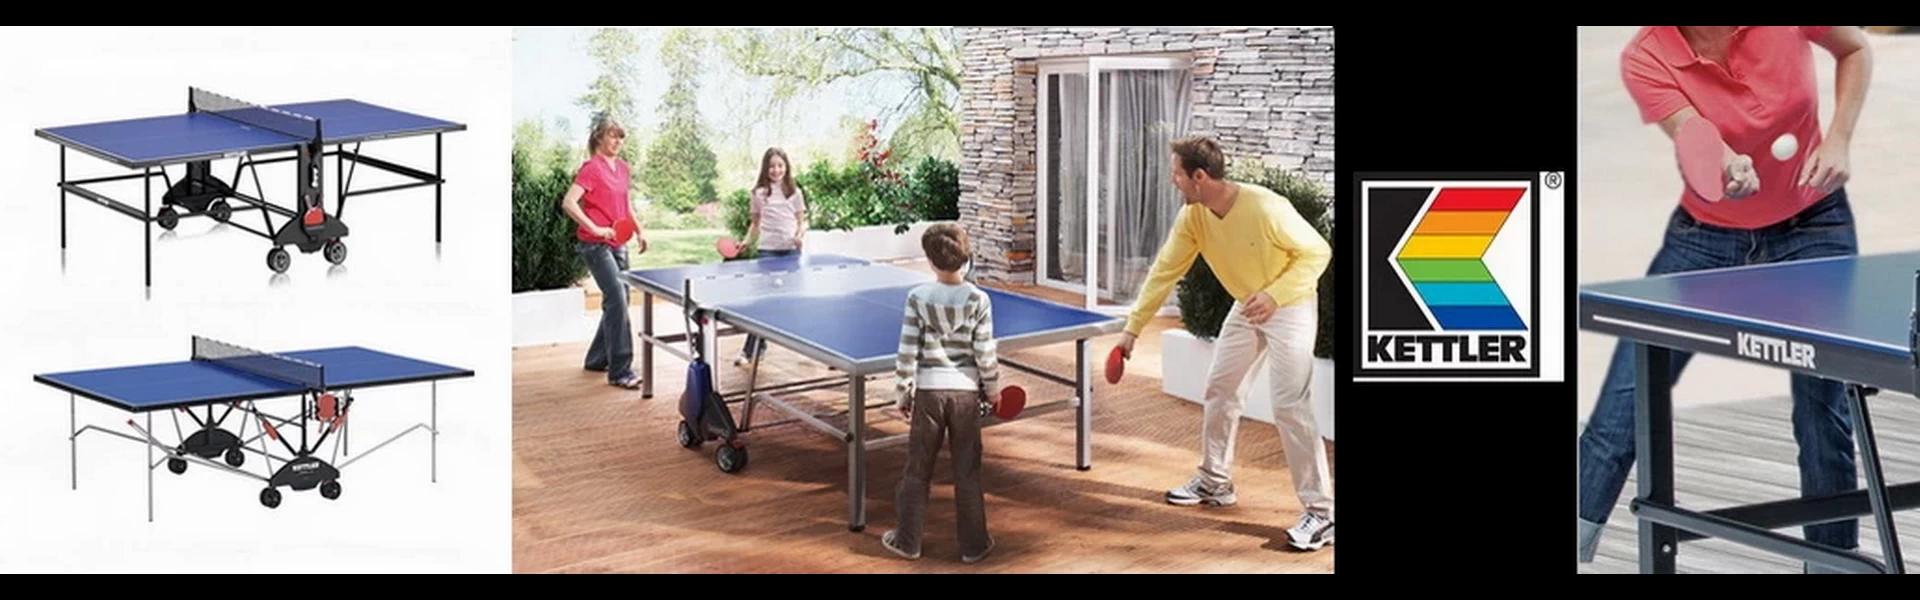 Table Tennis Tables, Kettler Egypt